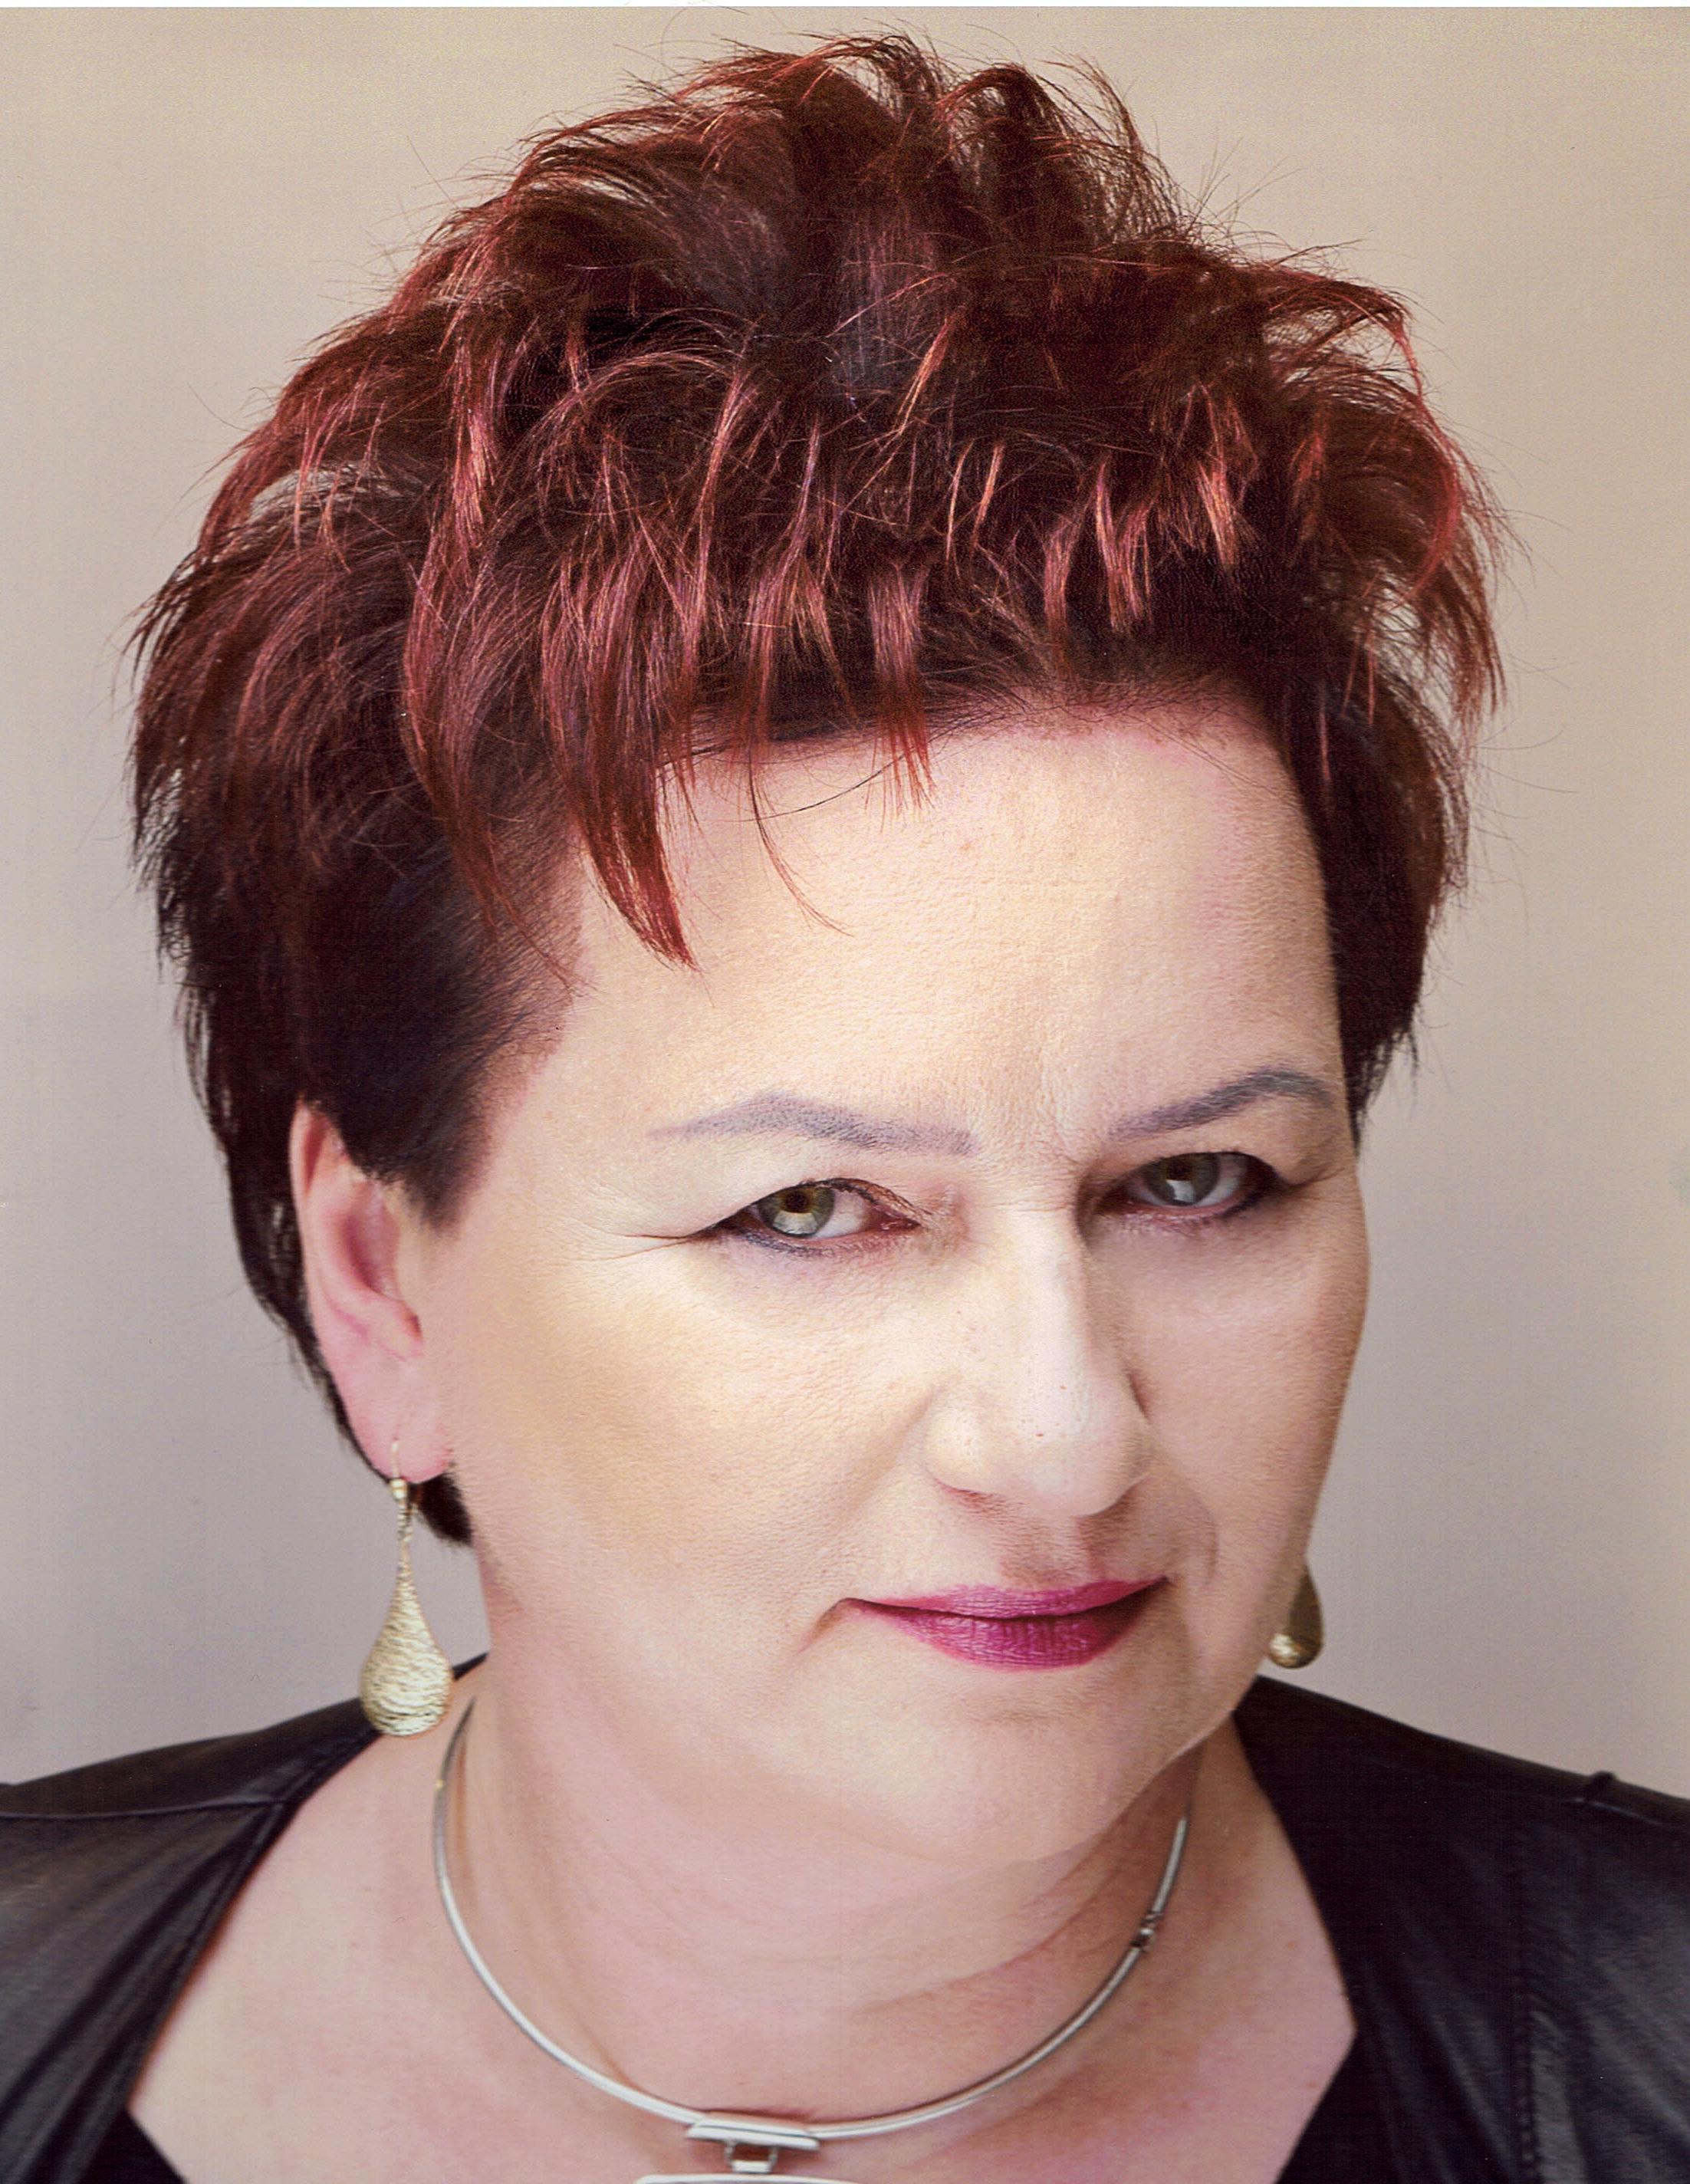 Małgorzata Chuda